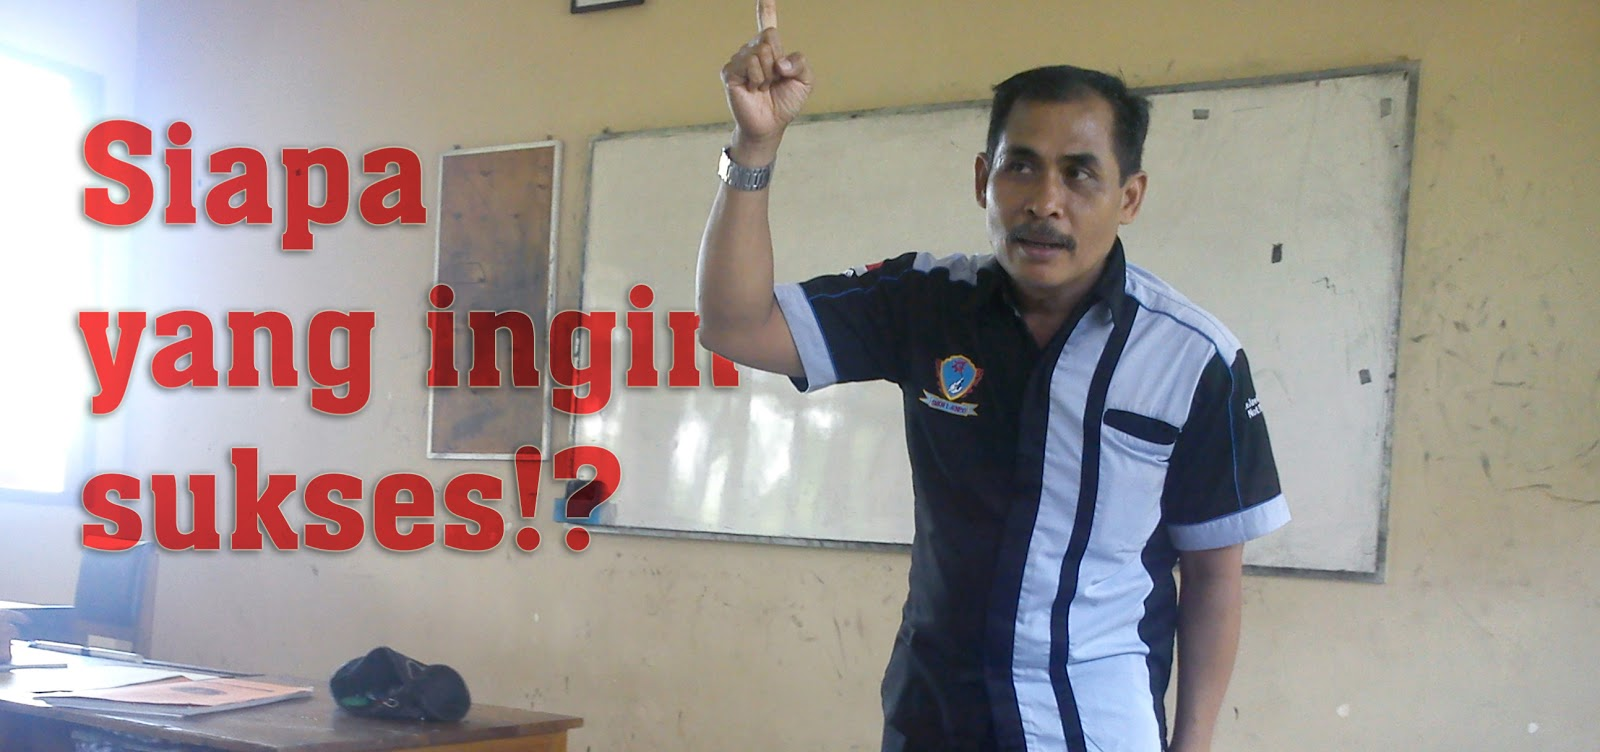 Kunto Wiyono, Siapa Yang Ingin Sukses?, Motivator, Motivasi, SMK N 1 Jenangan, Ponorogo